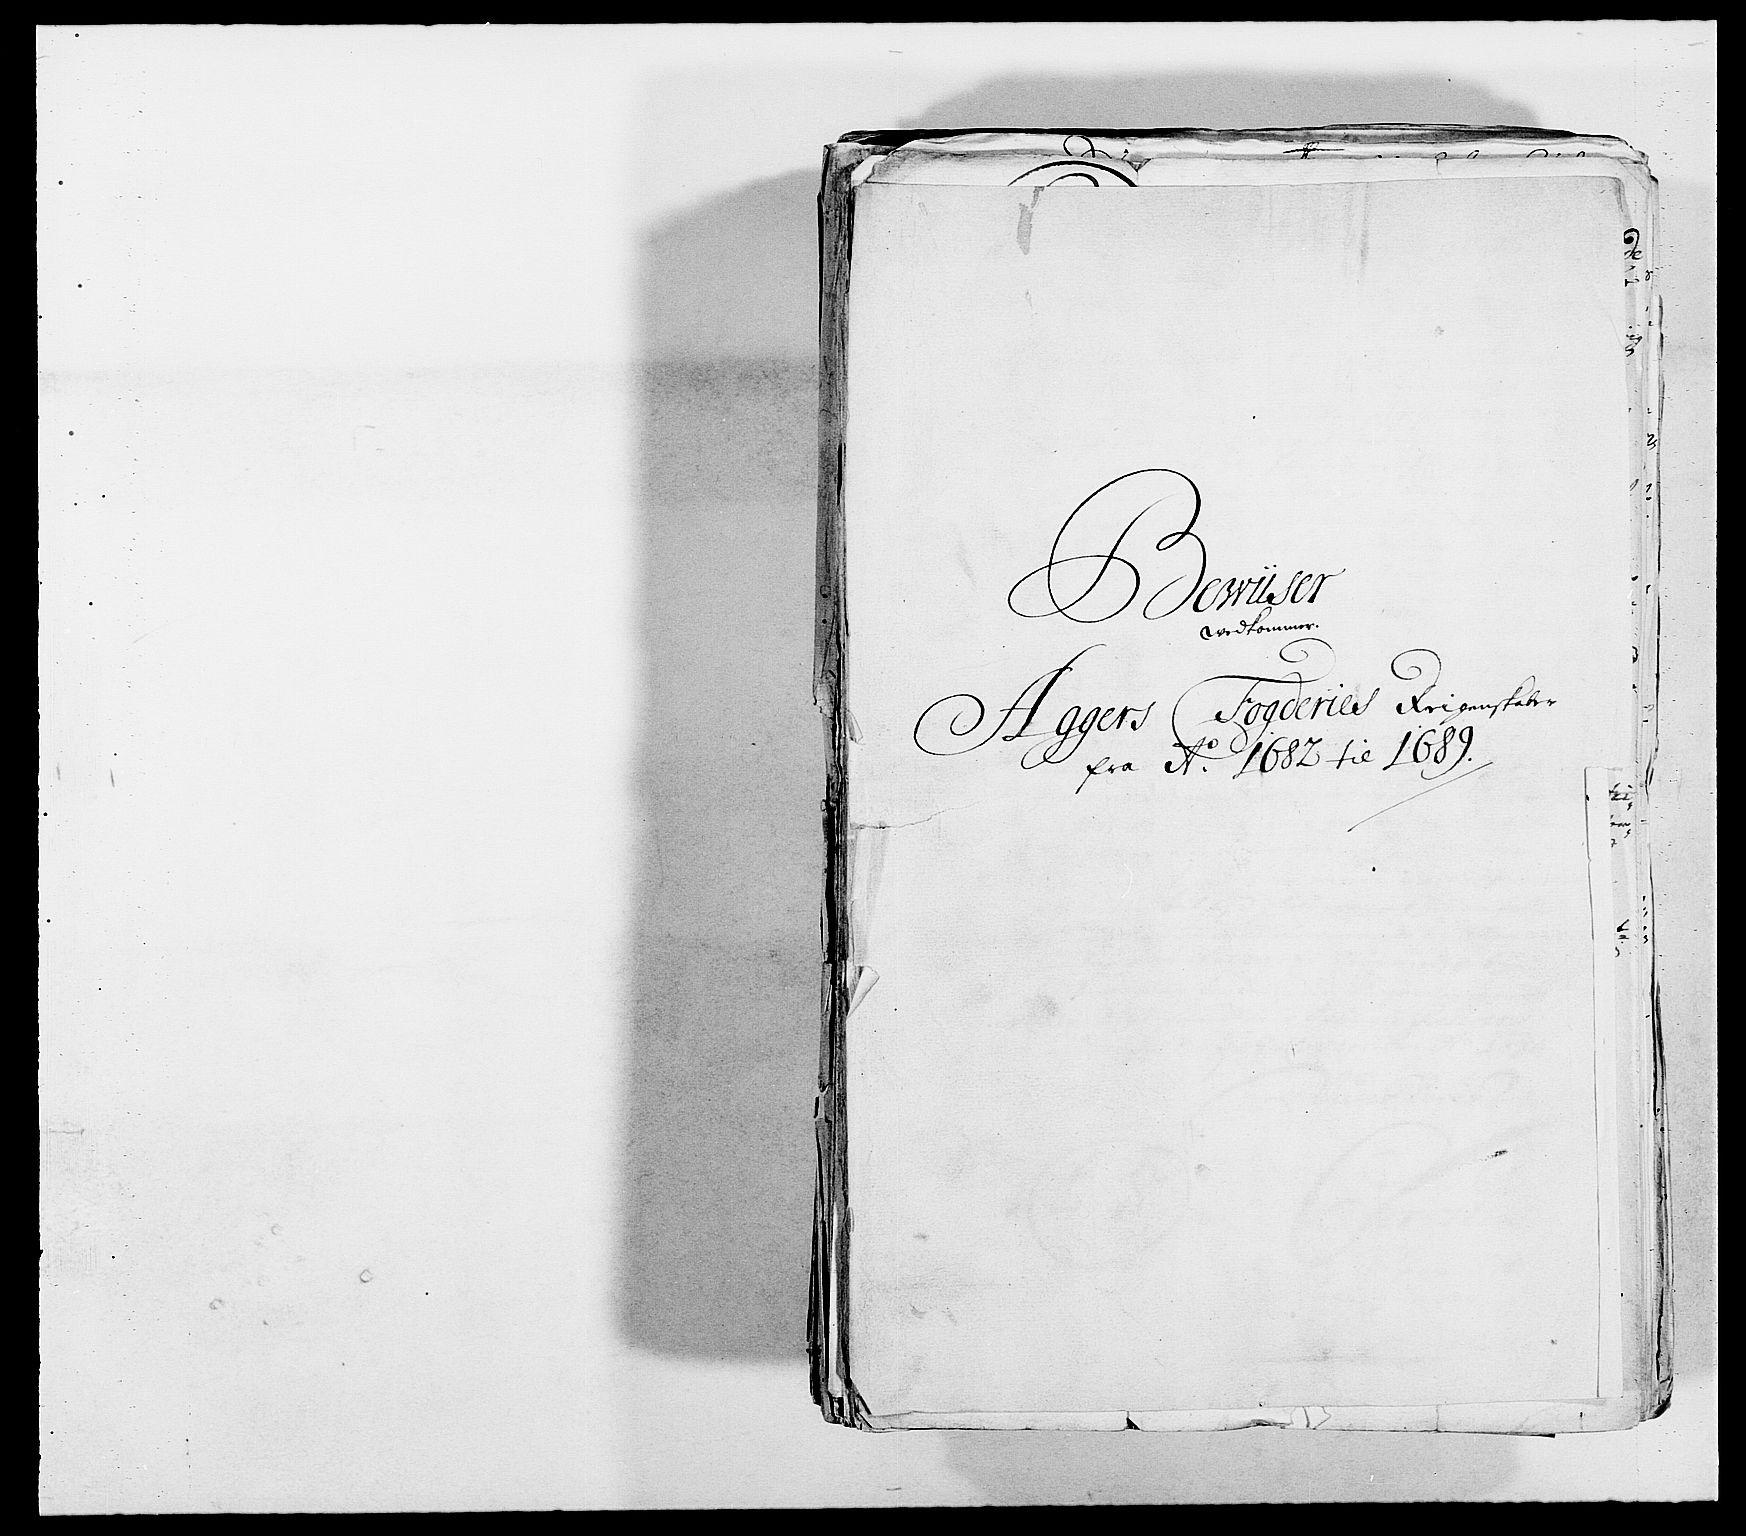 RA, Rentekammeret inntil 1814, Reviderte regnskaper, Fogderegnskap, R08/L0424: Fogderegnskap Aker, 1682-1689, s. 2